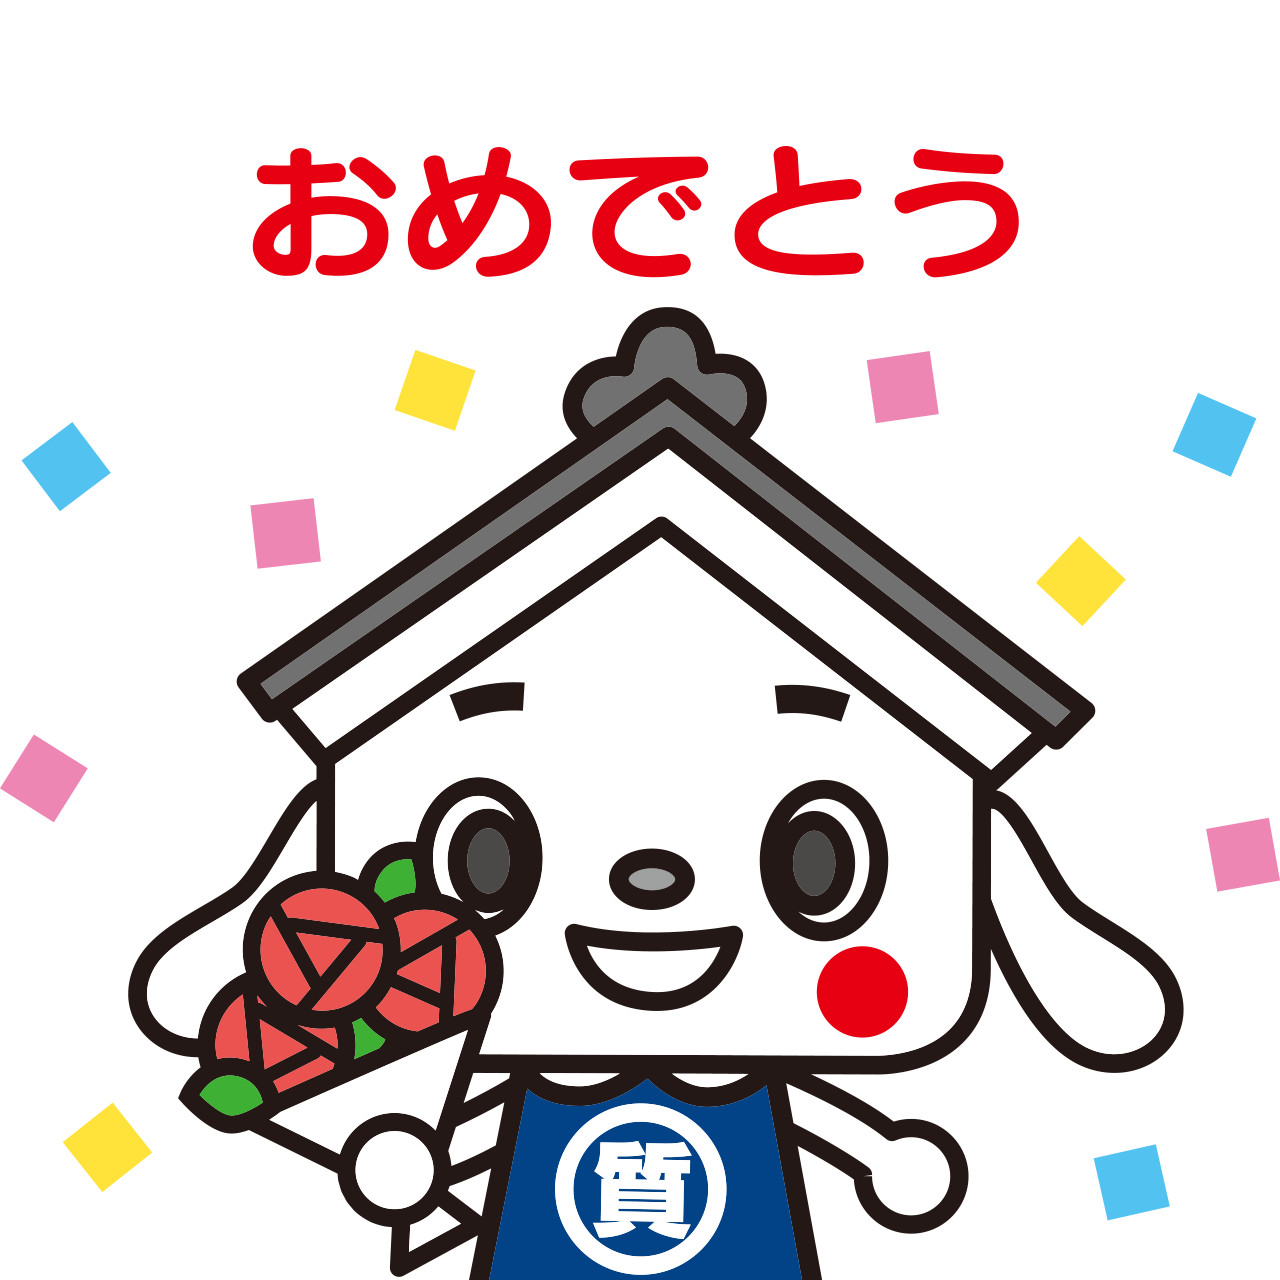 二ノ宮知子先生お誕生日おめでとうございます!